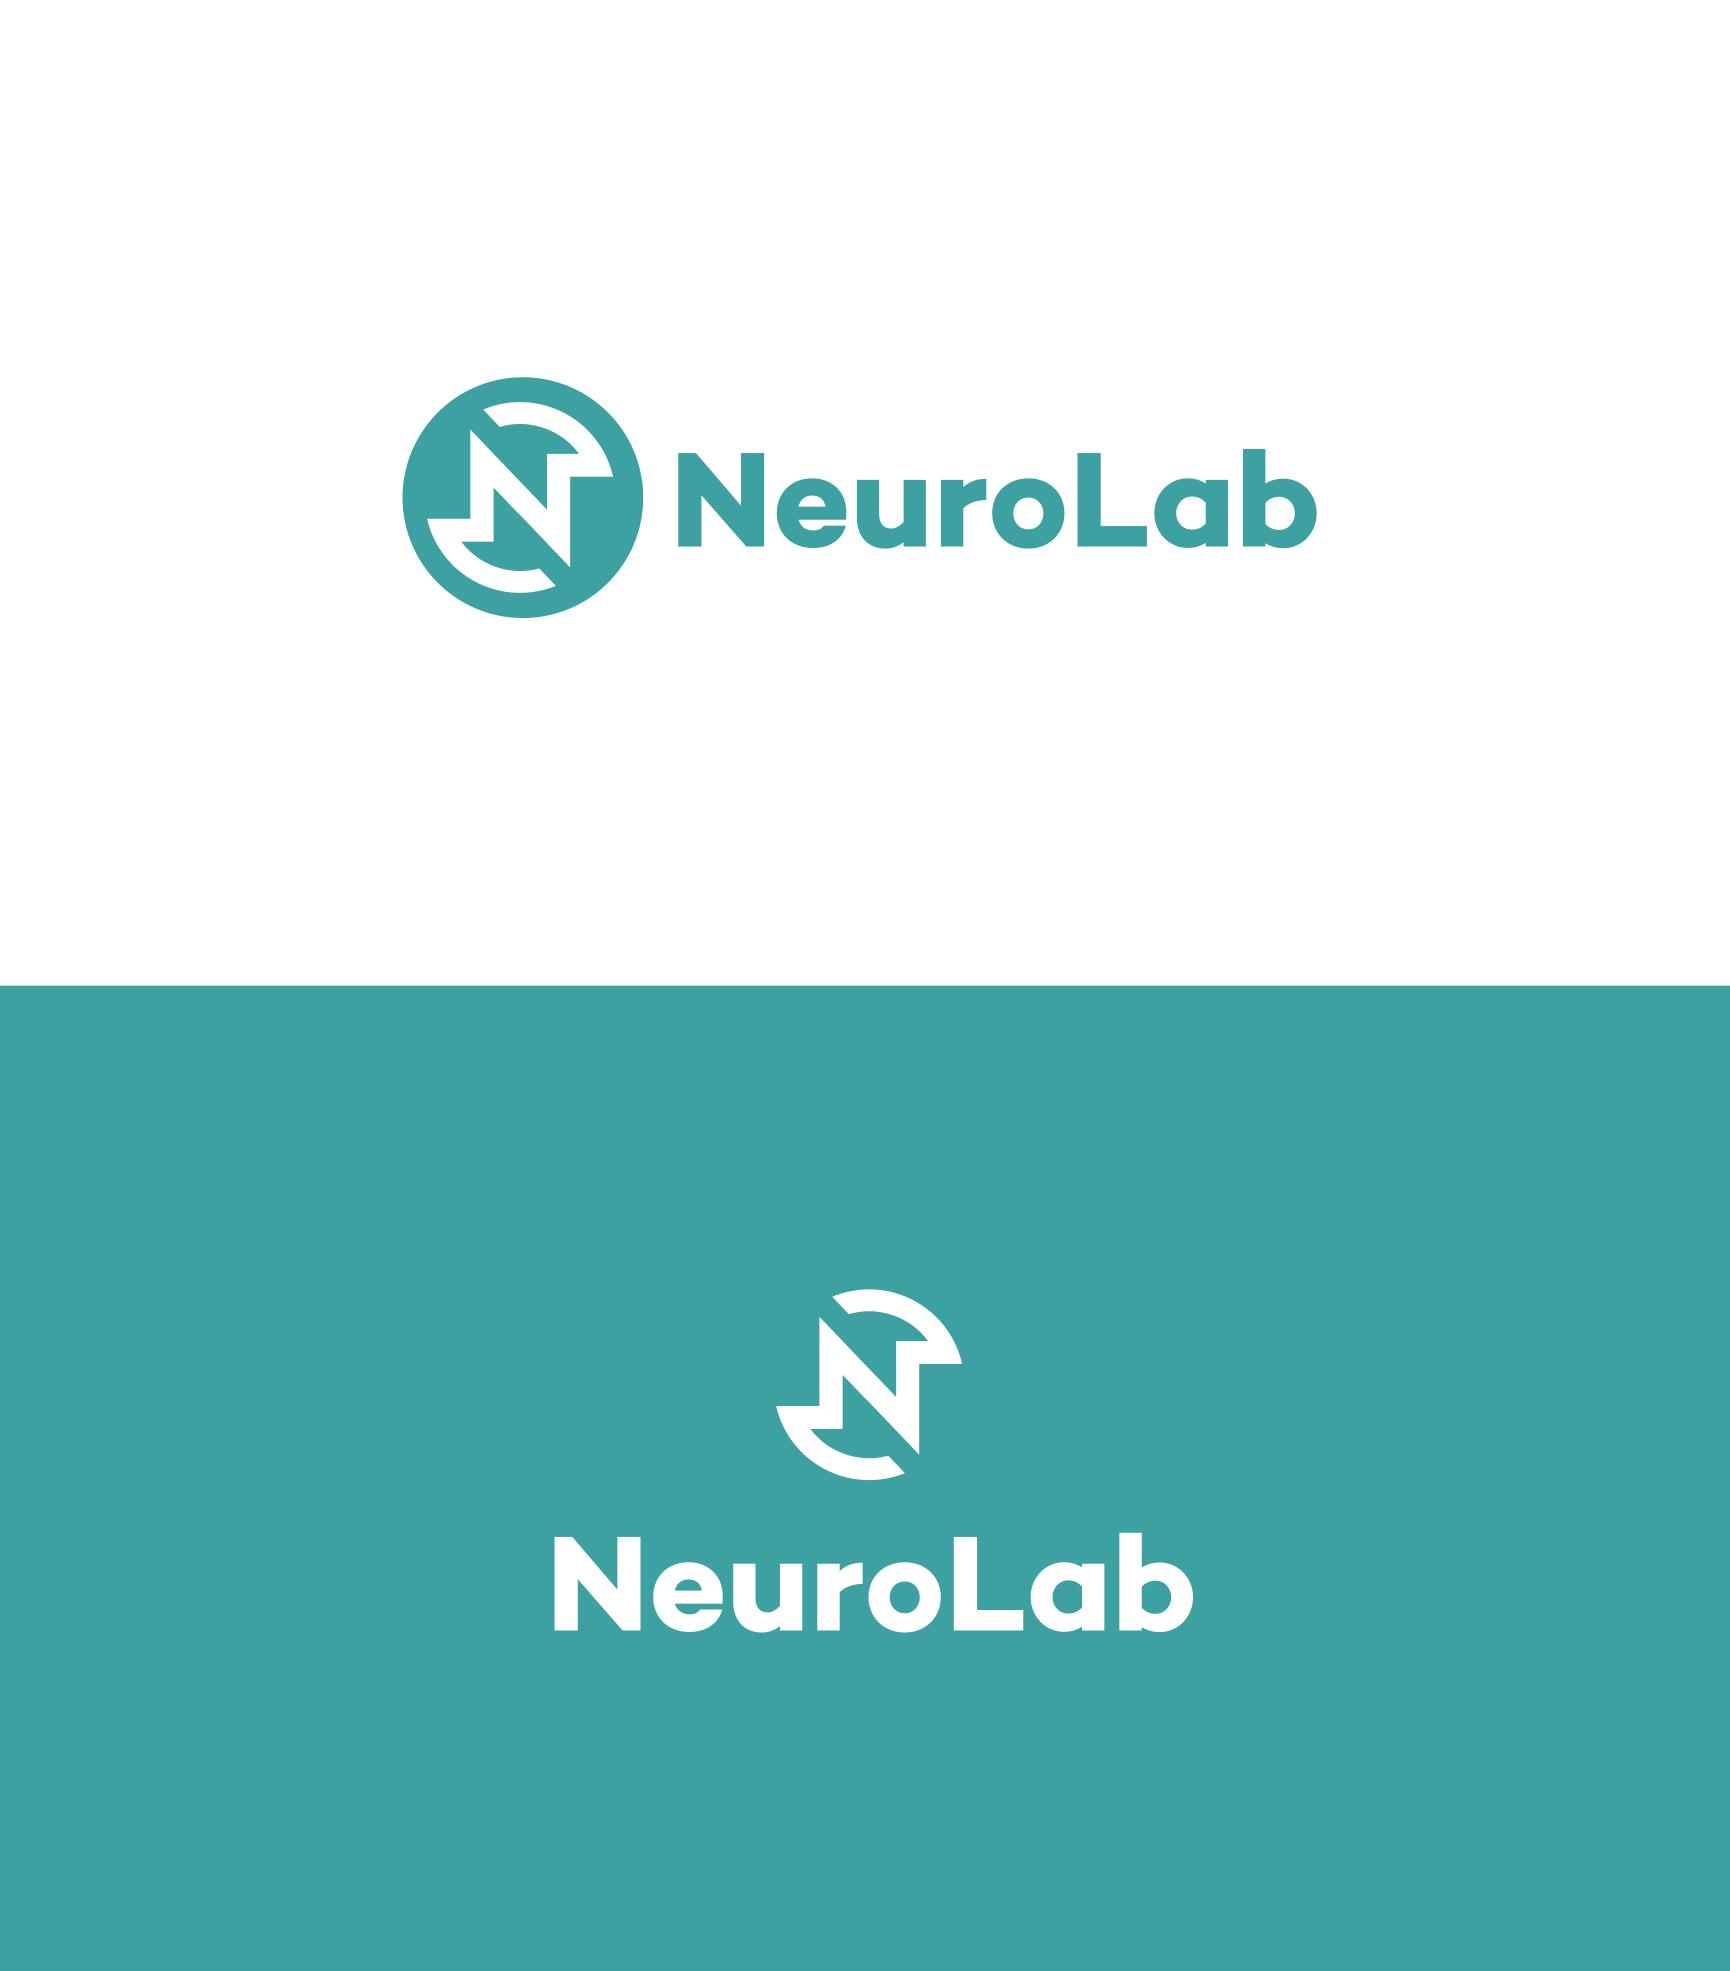 Логотип для лаборатории исследования эмоционального отклика  фото f_145600313a173c82.png